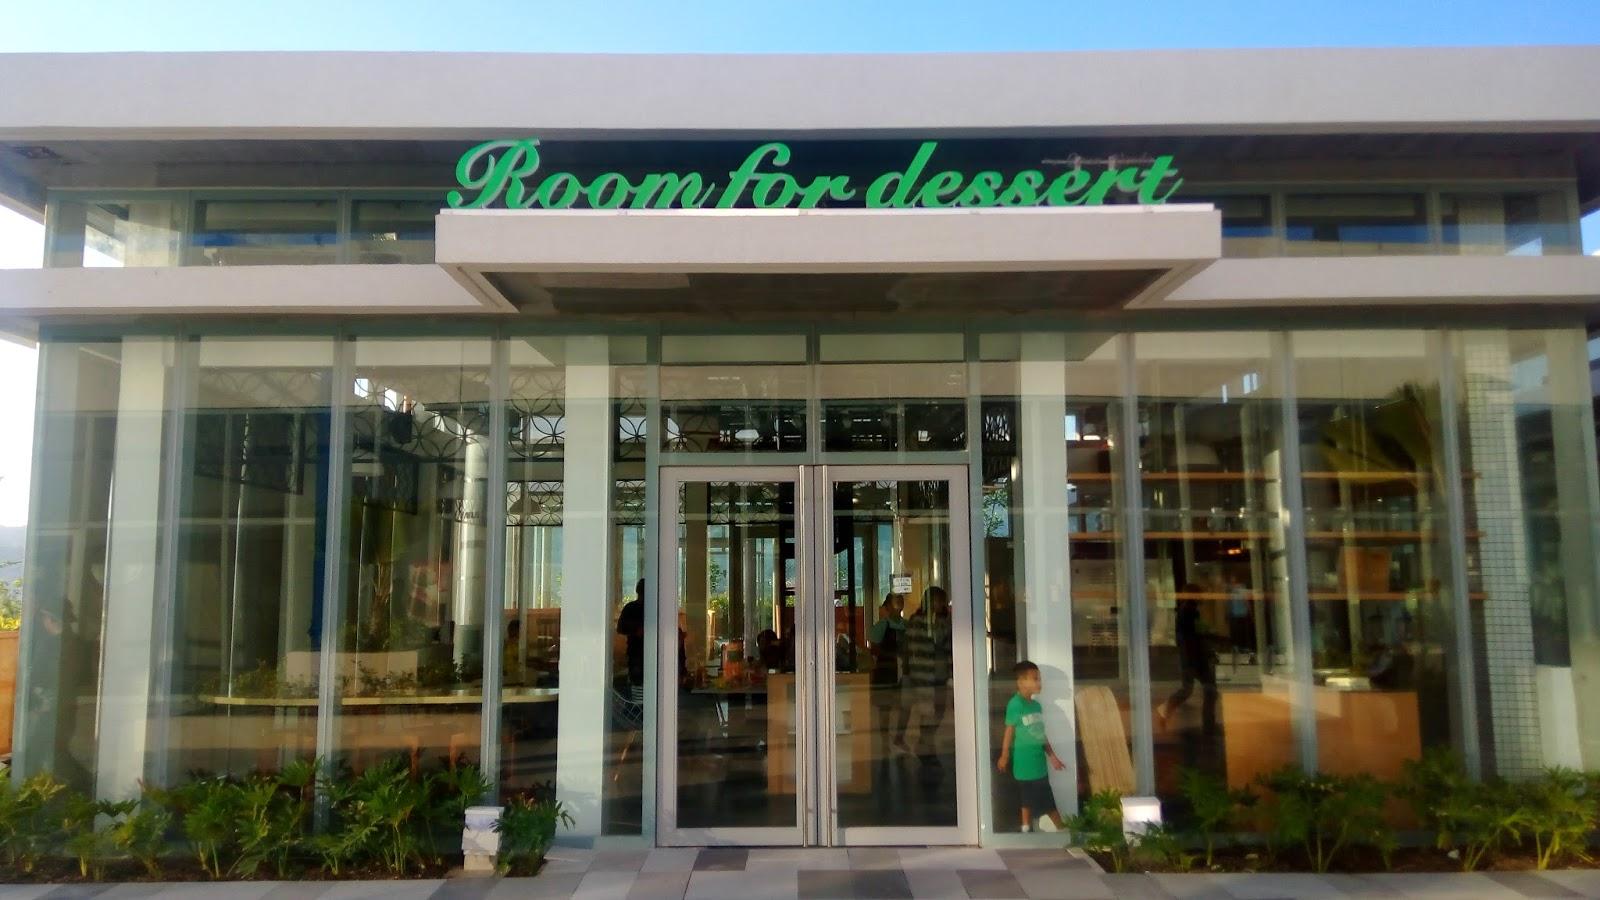 Room For Dessert Cebu Menu